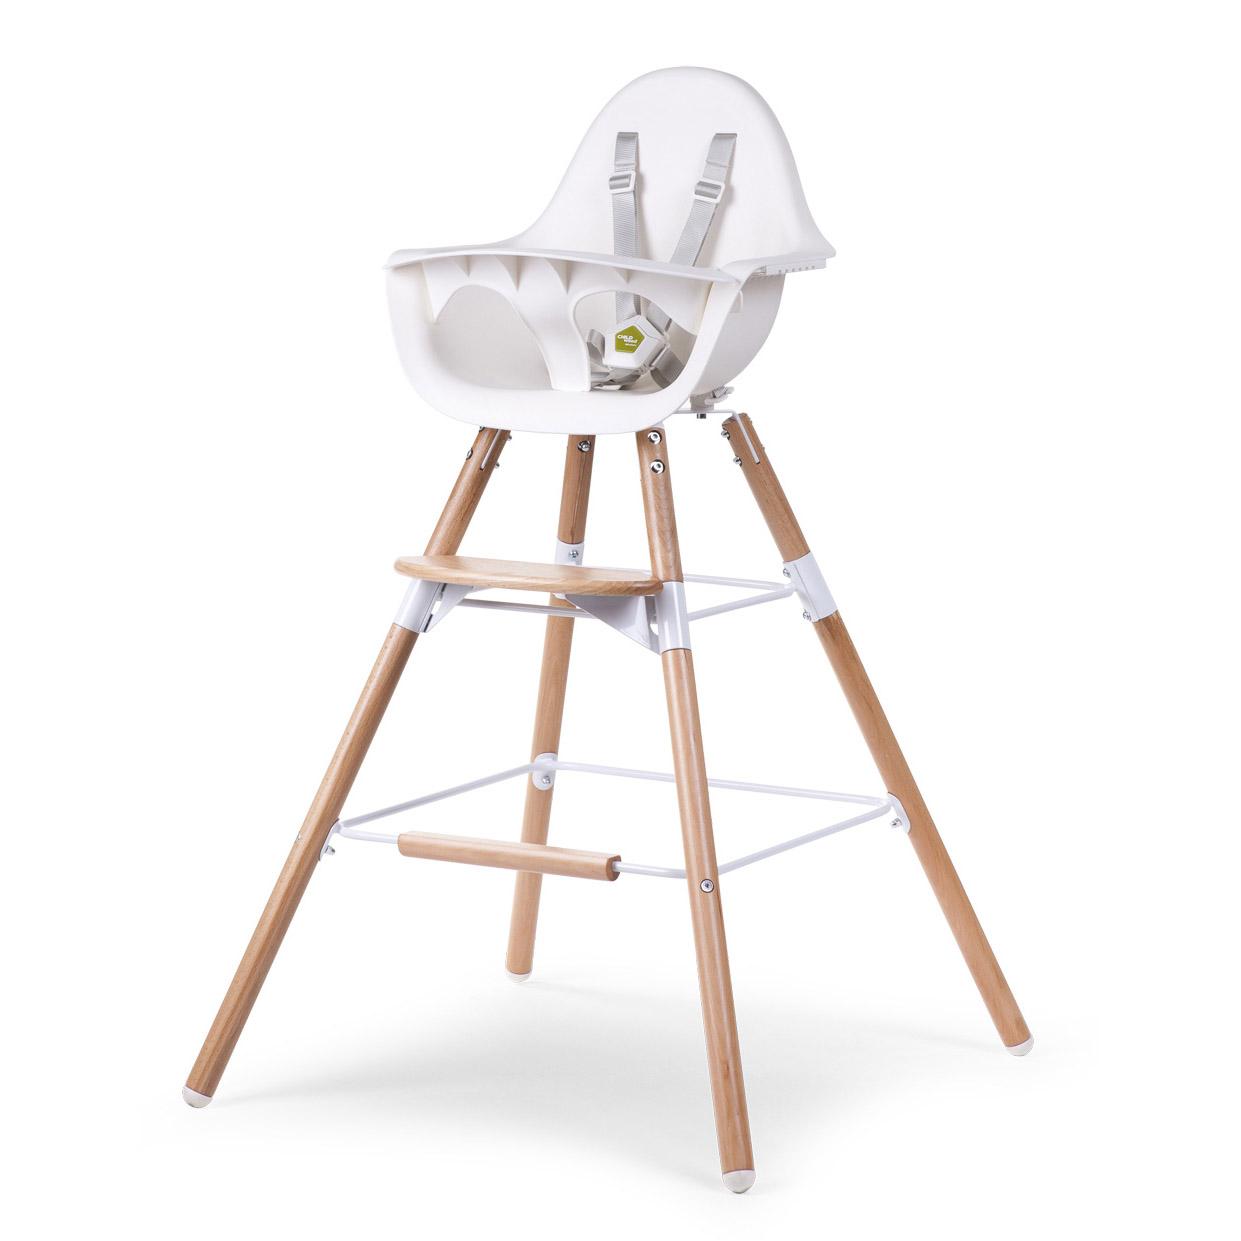 Kit prelungire picioare scaun de masa EVOLU 2 + suport picioare imagine